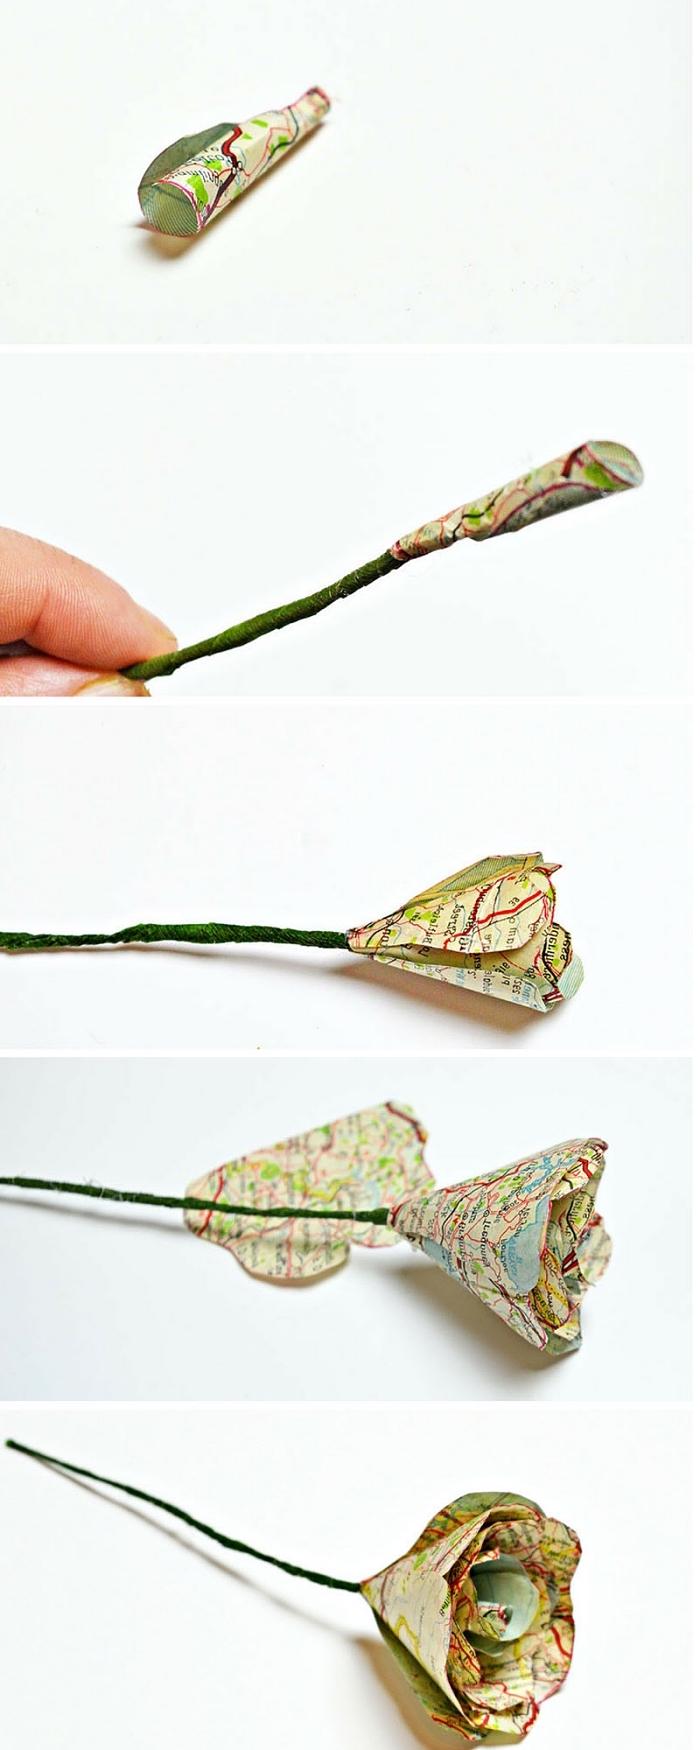 comment faire une rose vintage en papier récup, tuto fleur en papier facile avec pétales découpées dans une ancienne carte routière